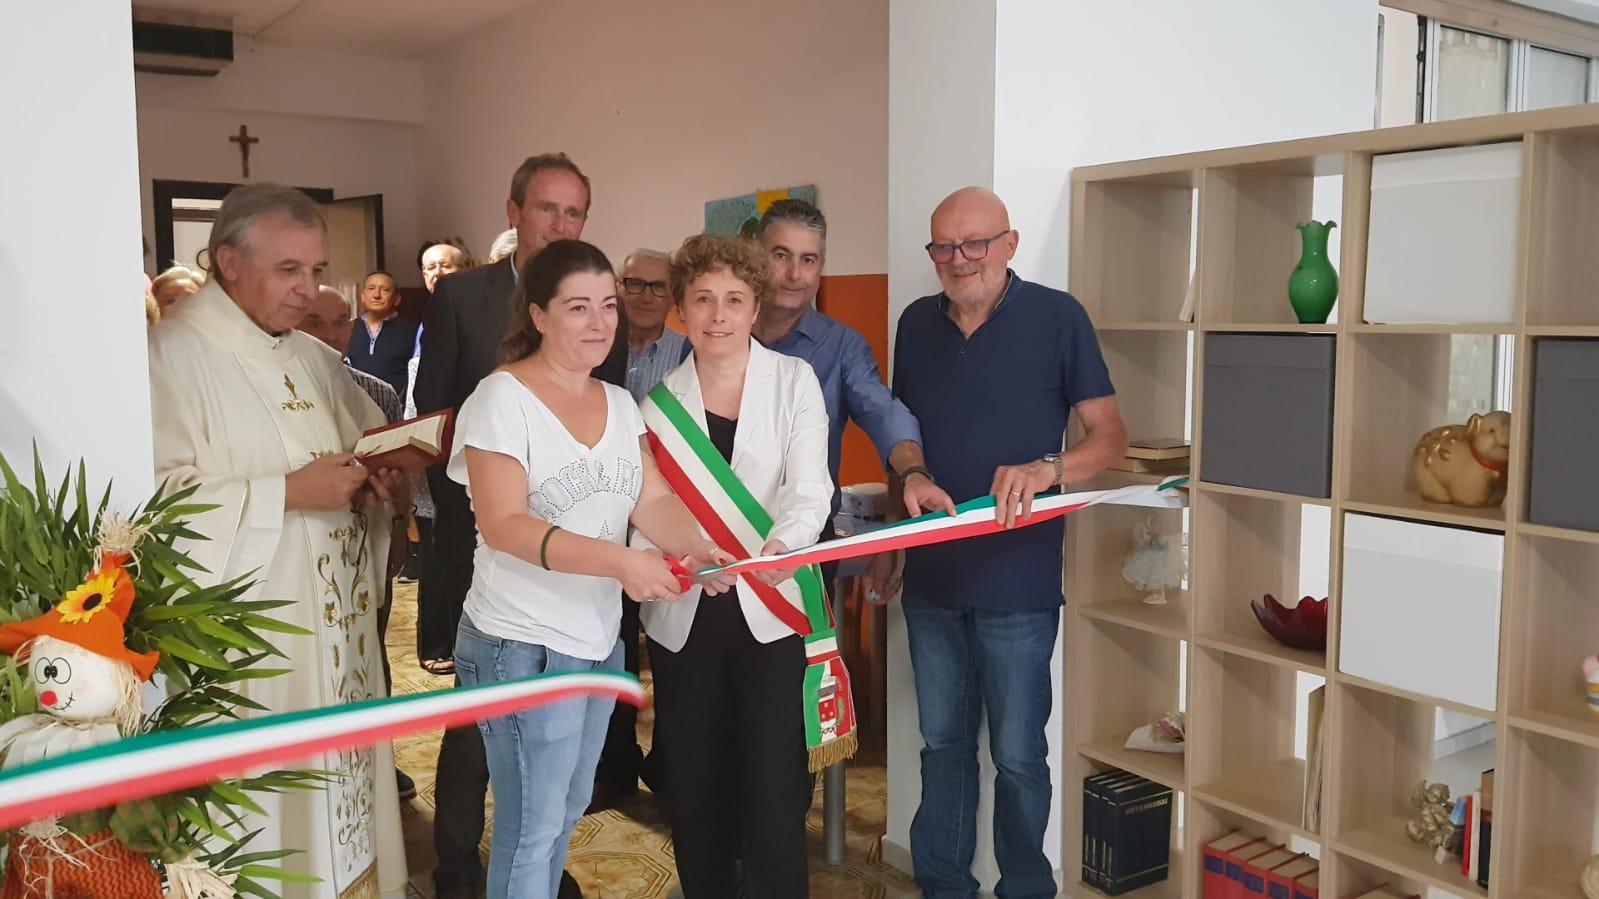 Festa S. Anna 2019 - Messa Inaugurazione (55)